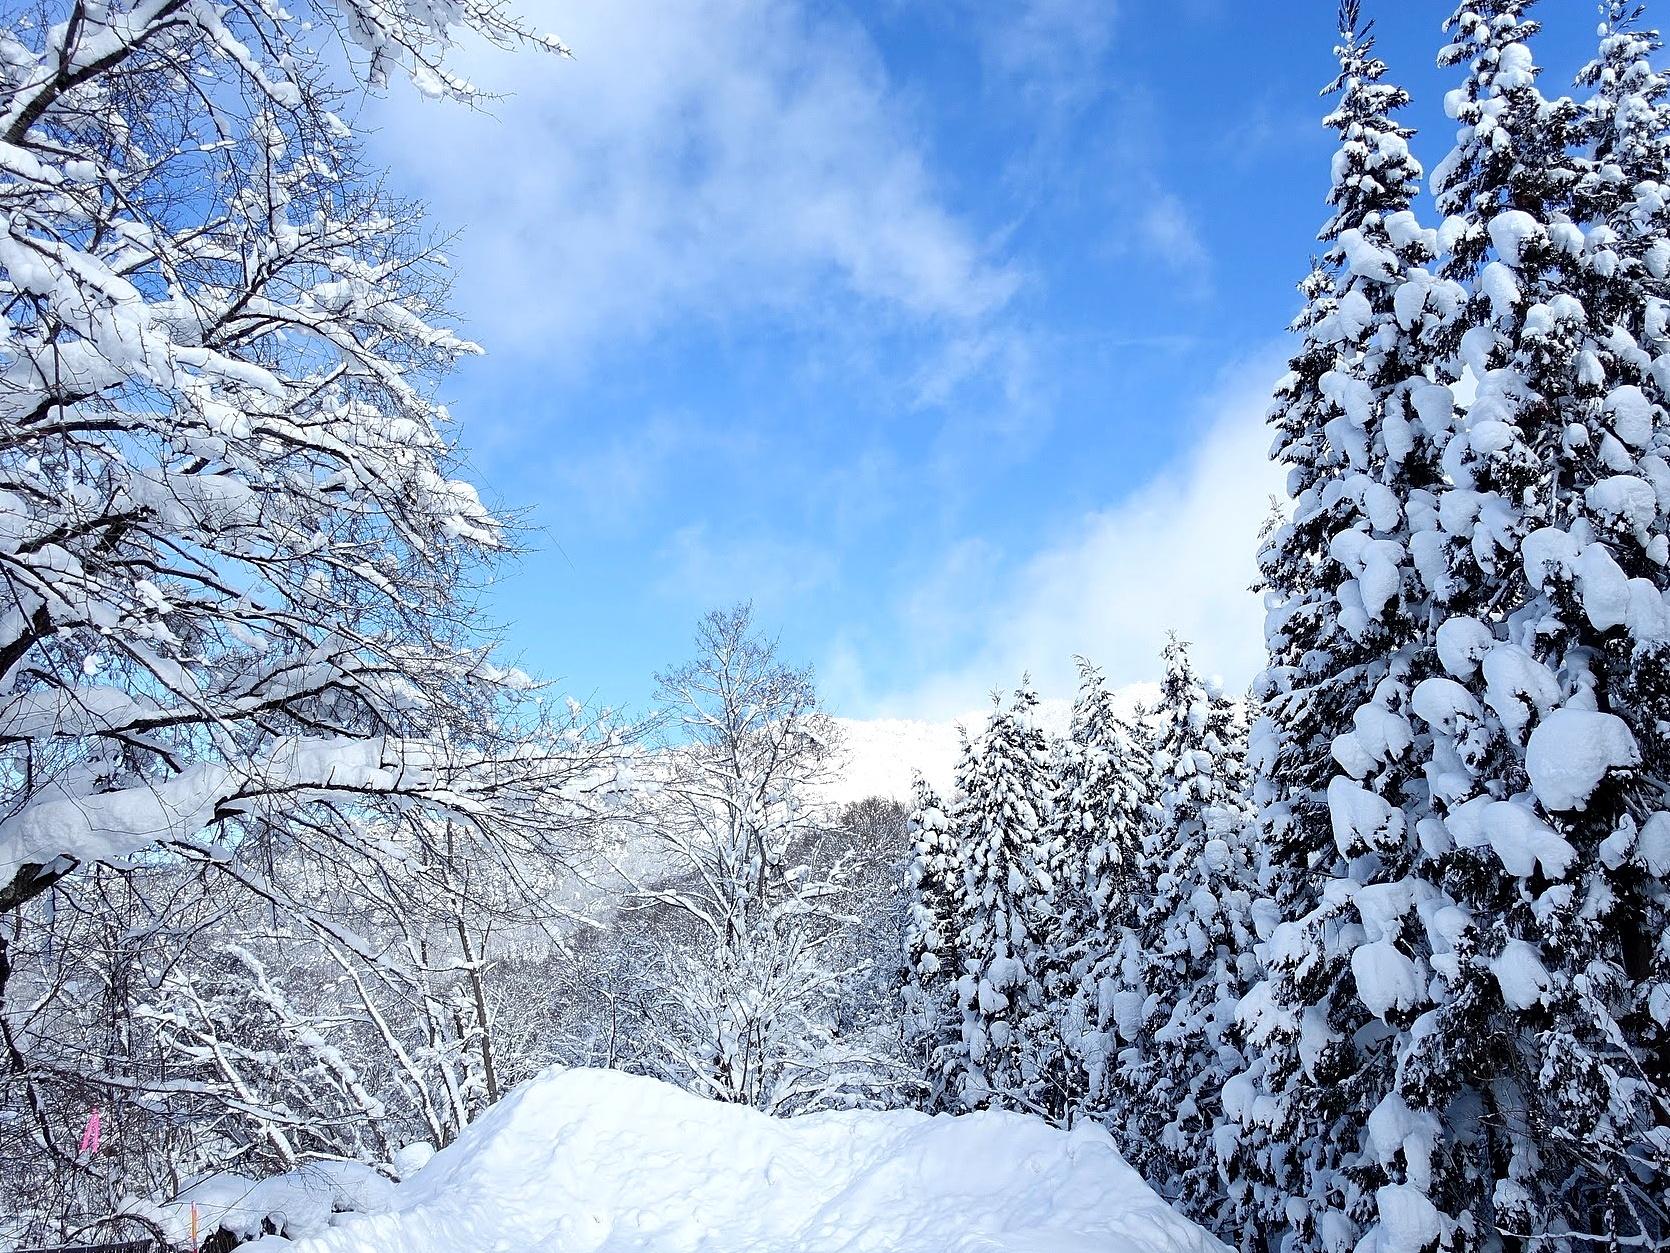 【まとめ】2020-2021年 山形県の年末年始イベント情報 12月26日(土)~1月3日(日)